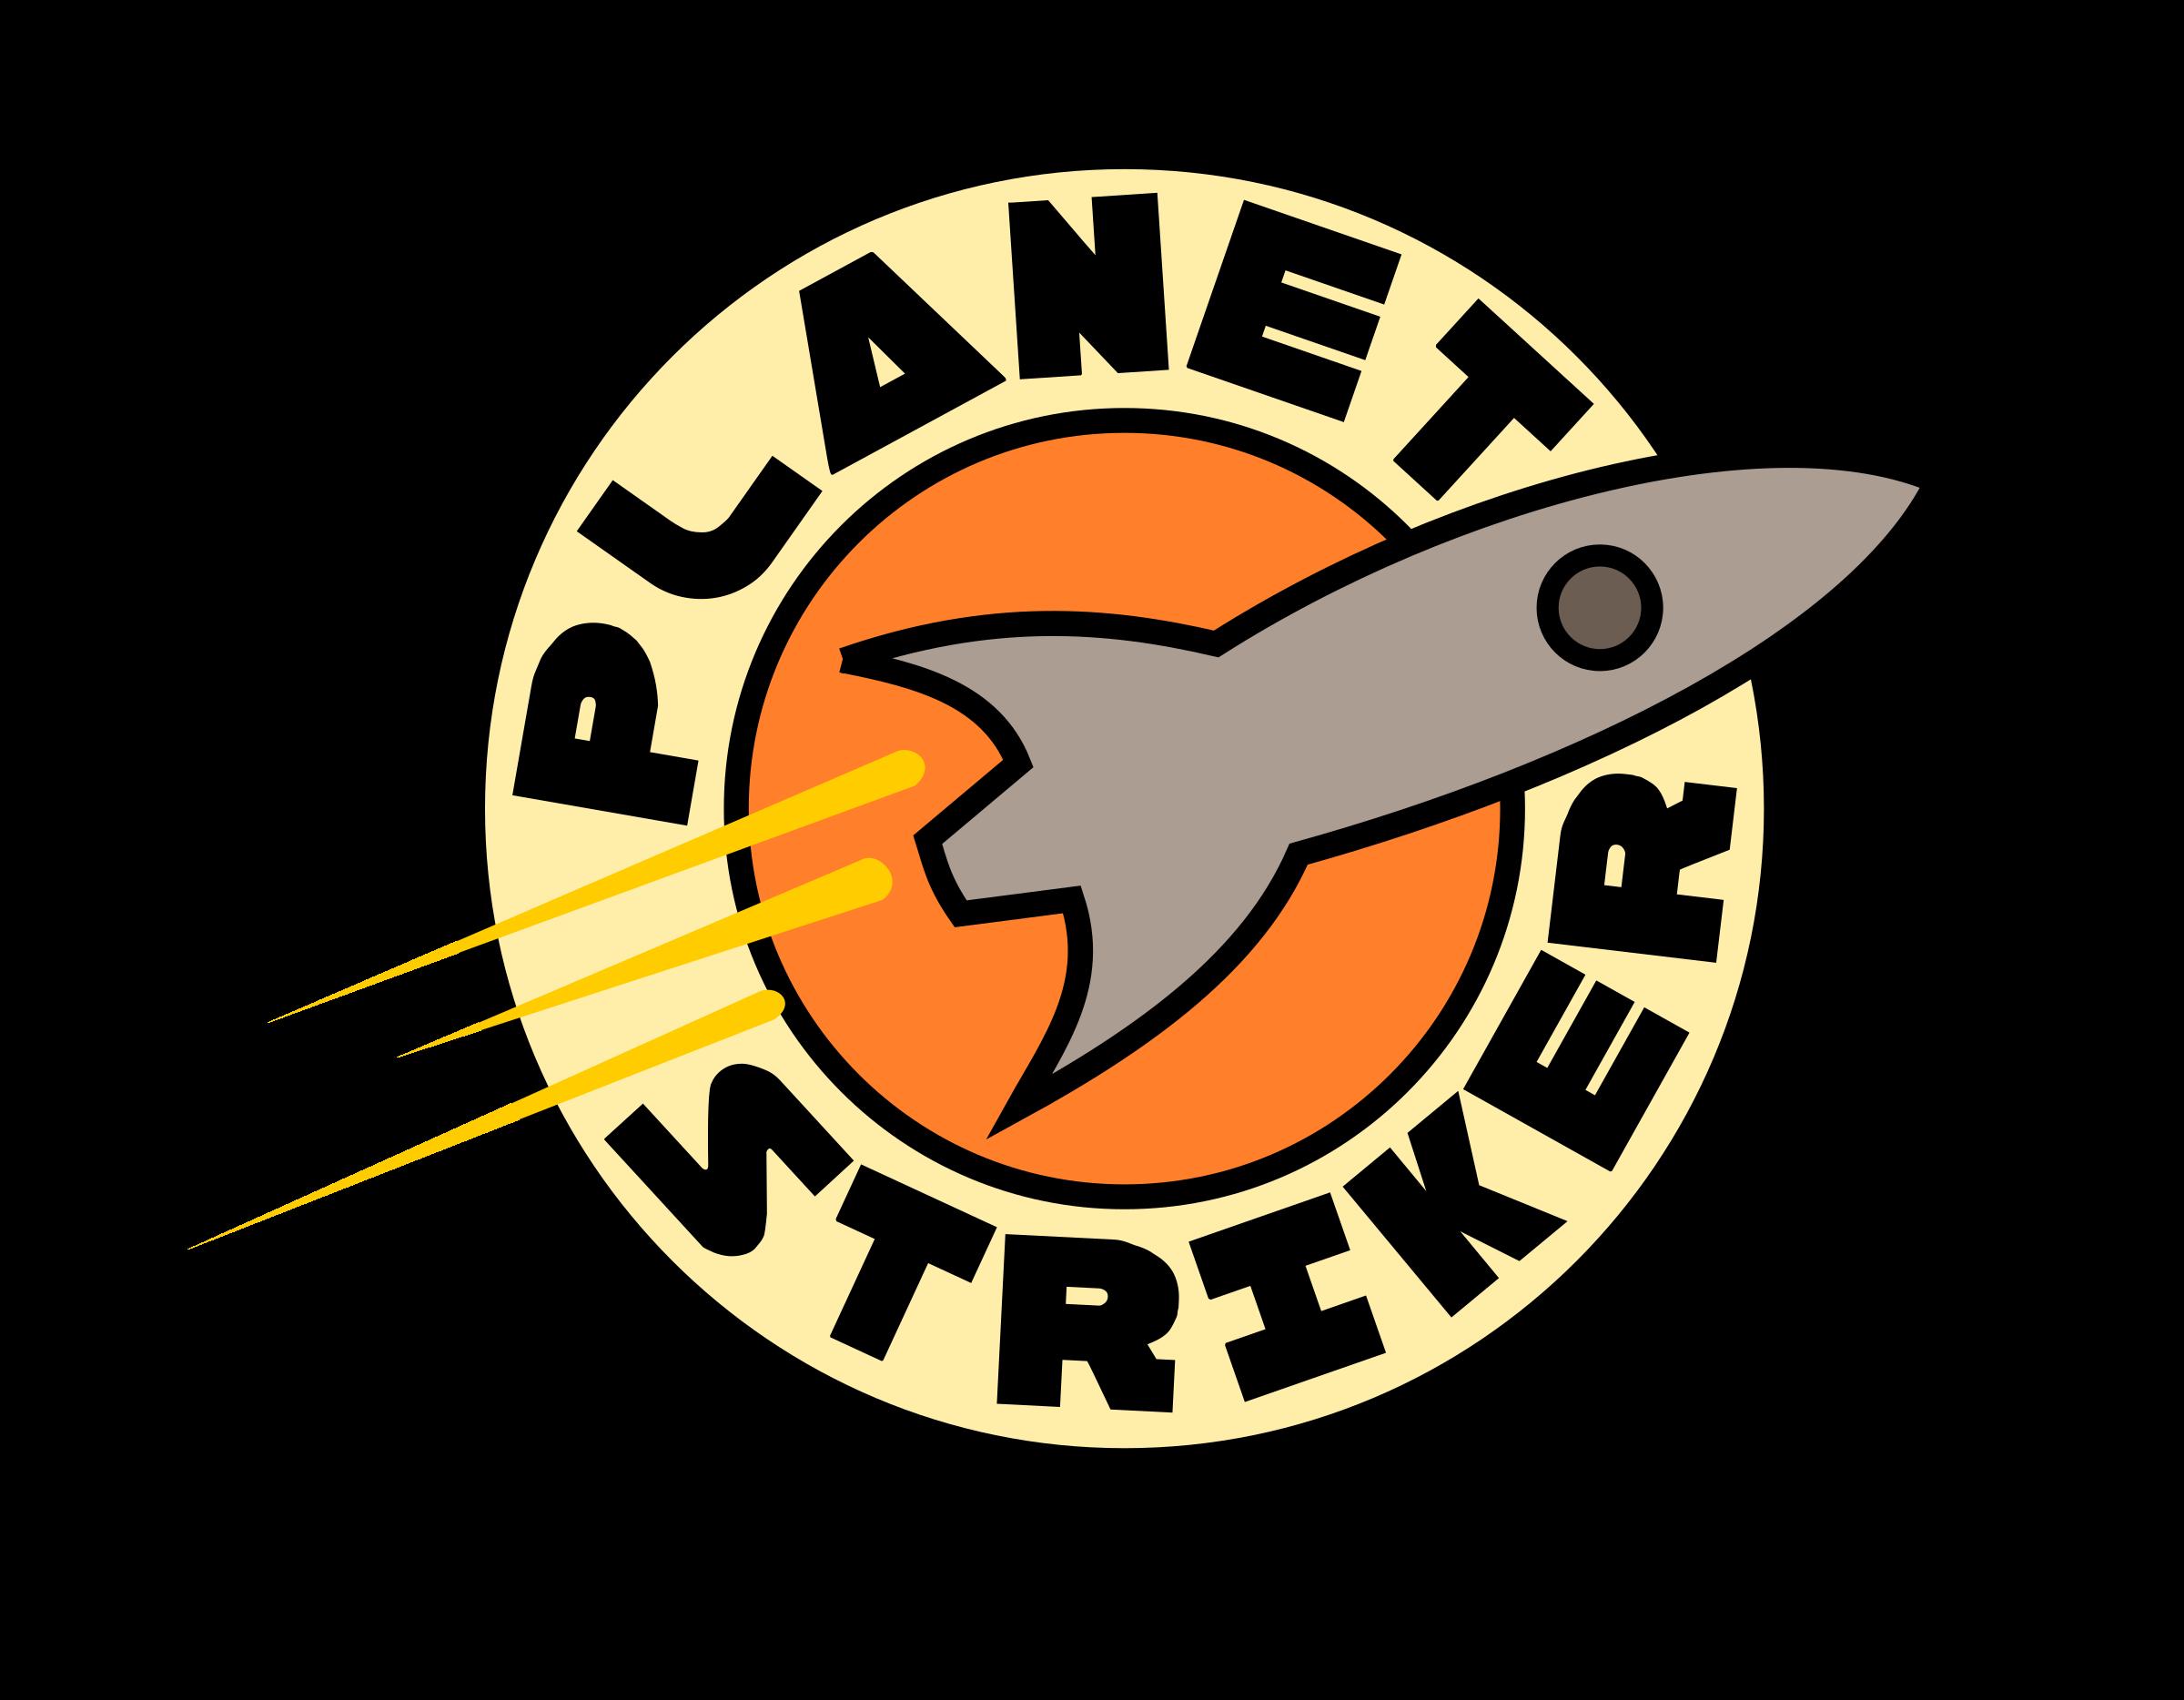 Planet striker big image. Clipart rocket logo